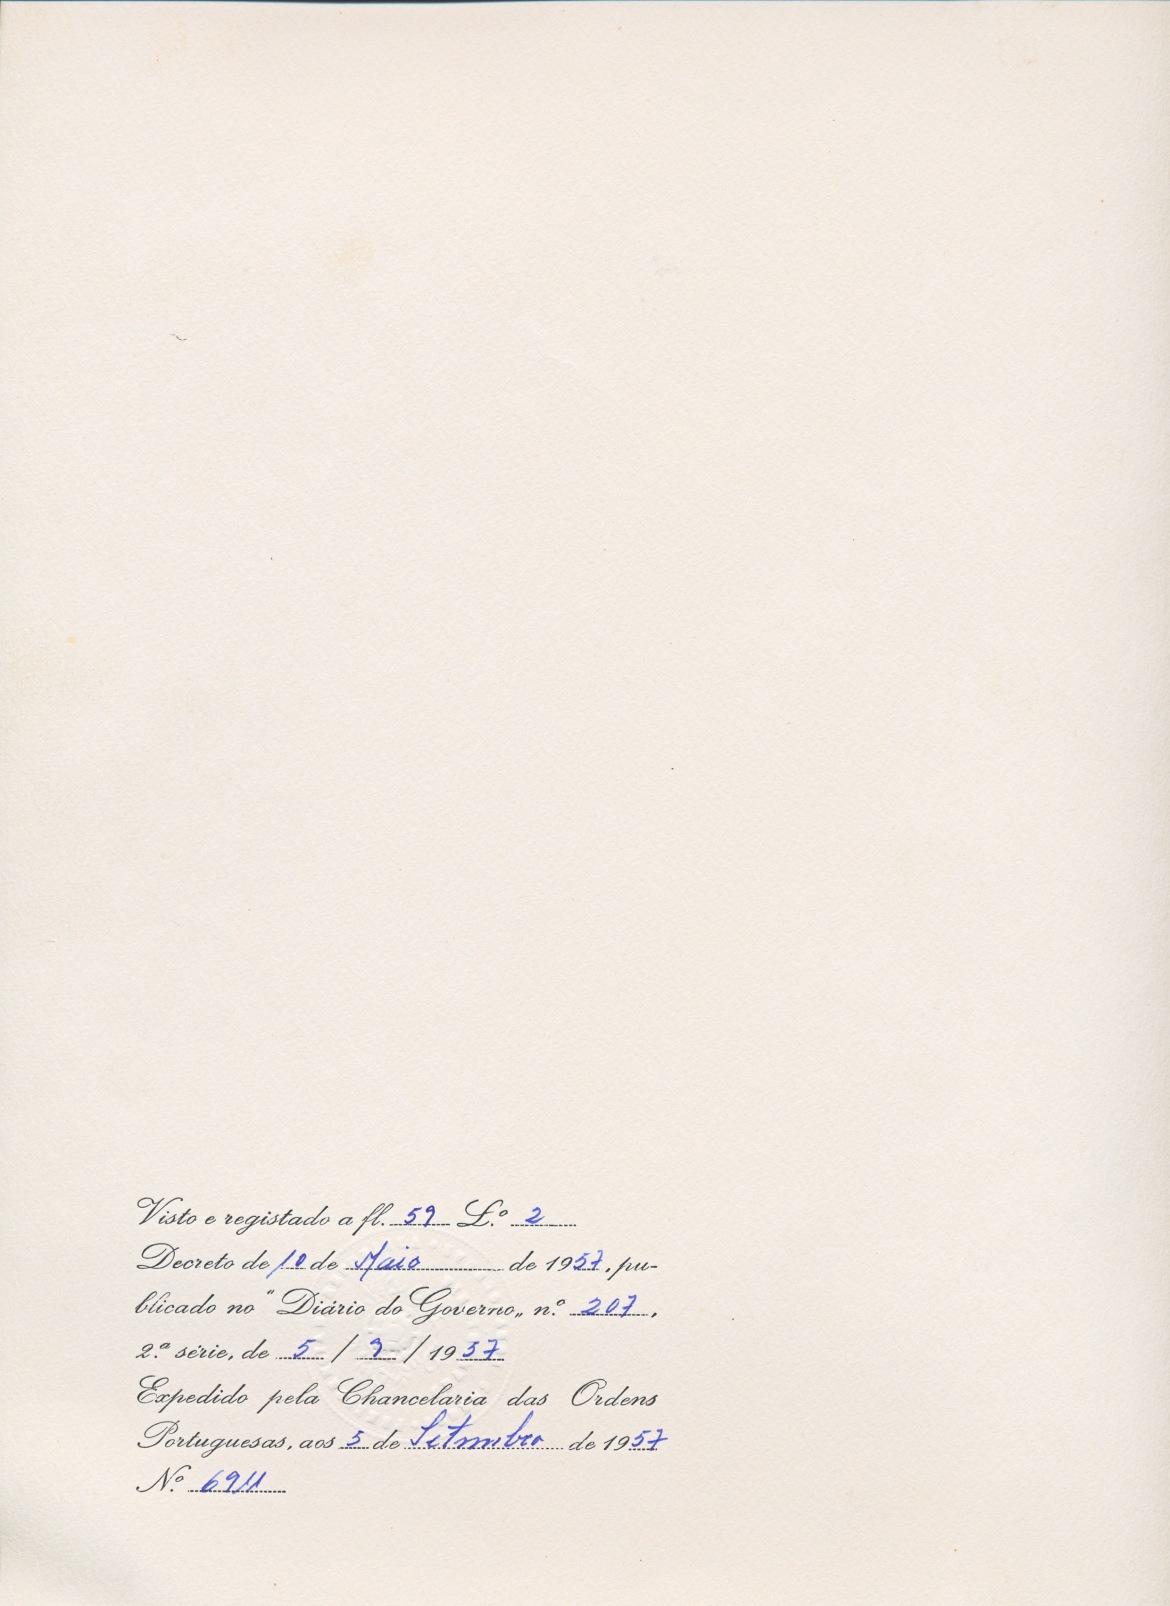 00321 957-05-10 Diploma da minha 1ª condecoração - Oficial da Ordem de Aviz - verso